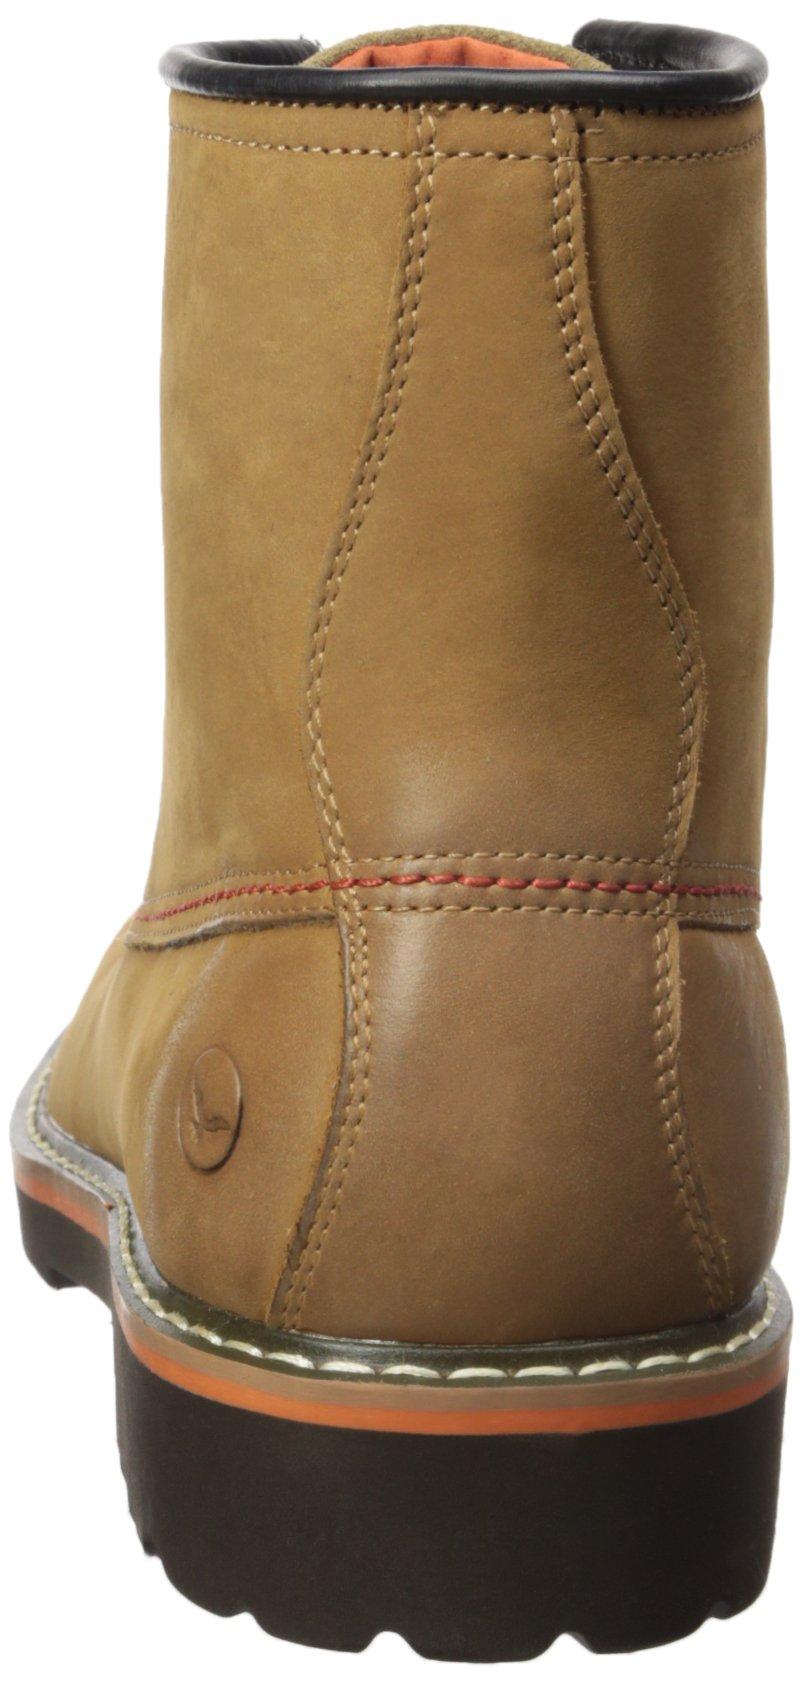 Hawke & Co Men's Harrison Work Boot, Wheat, 10.5 M US by Hawke & Co (Image #2)